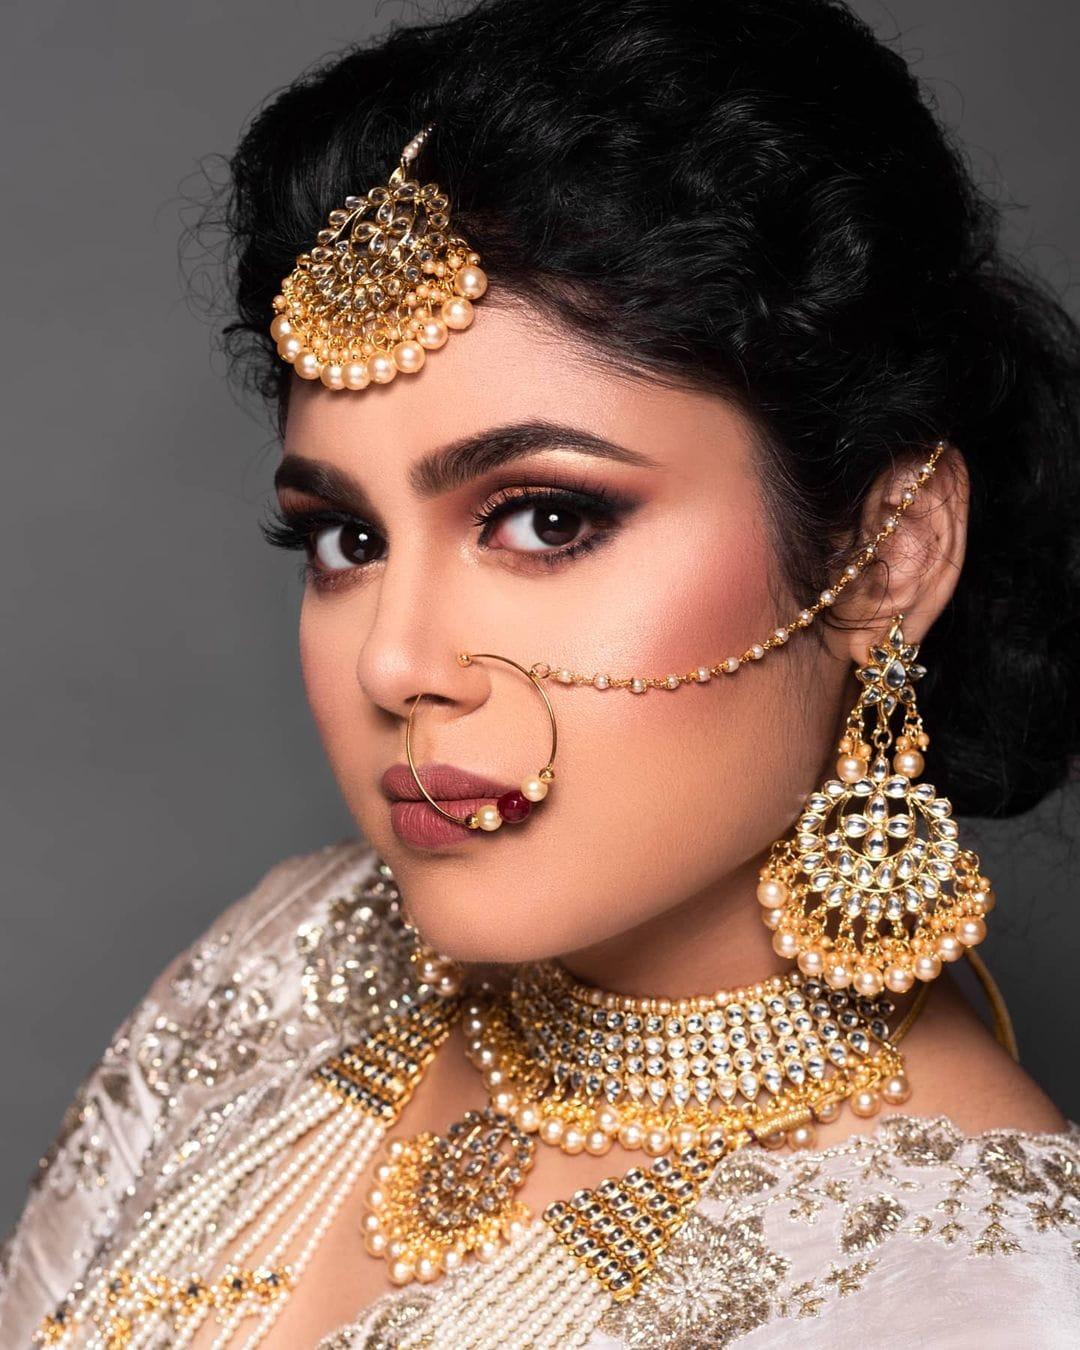 జాతి రత్నాలు ఫేమ్ ఫరియ అబ్దుల్లా లేటెస్ట్ ఫోటోలు (Instagram/Photo)